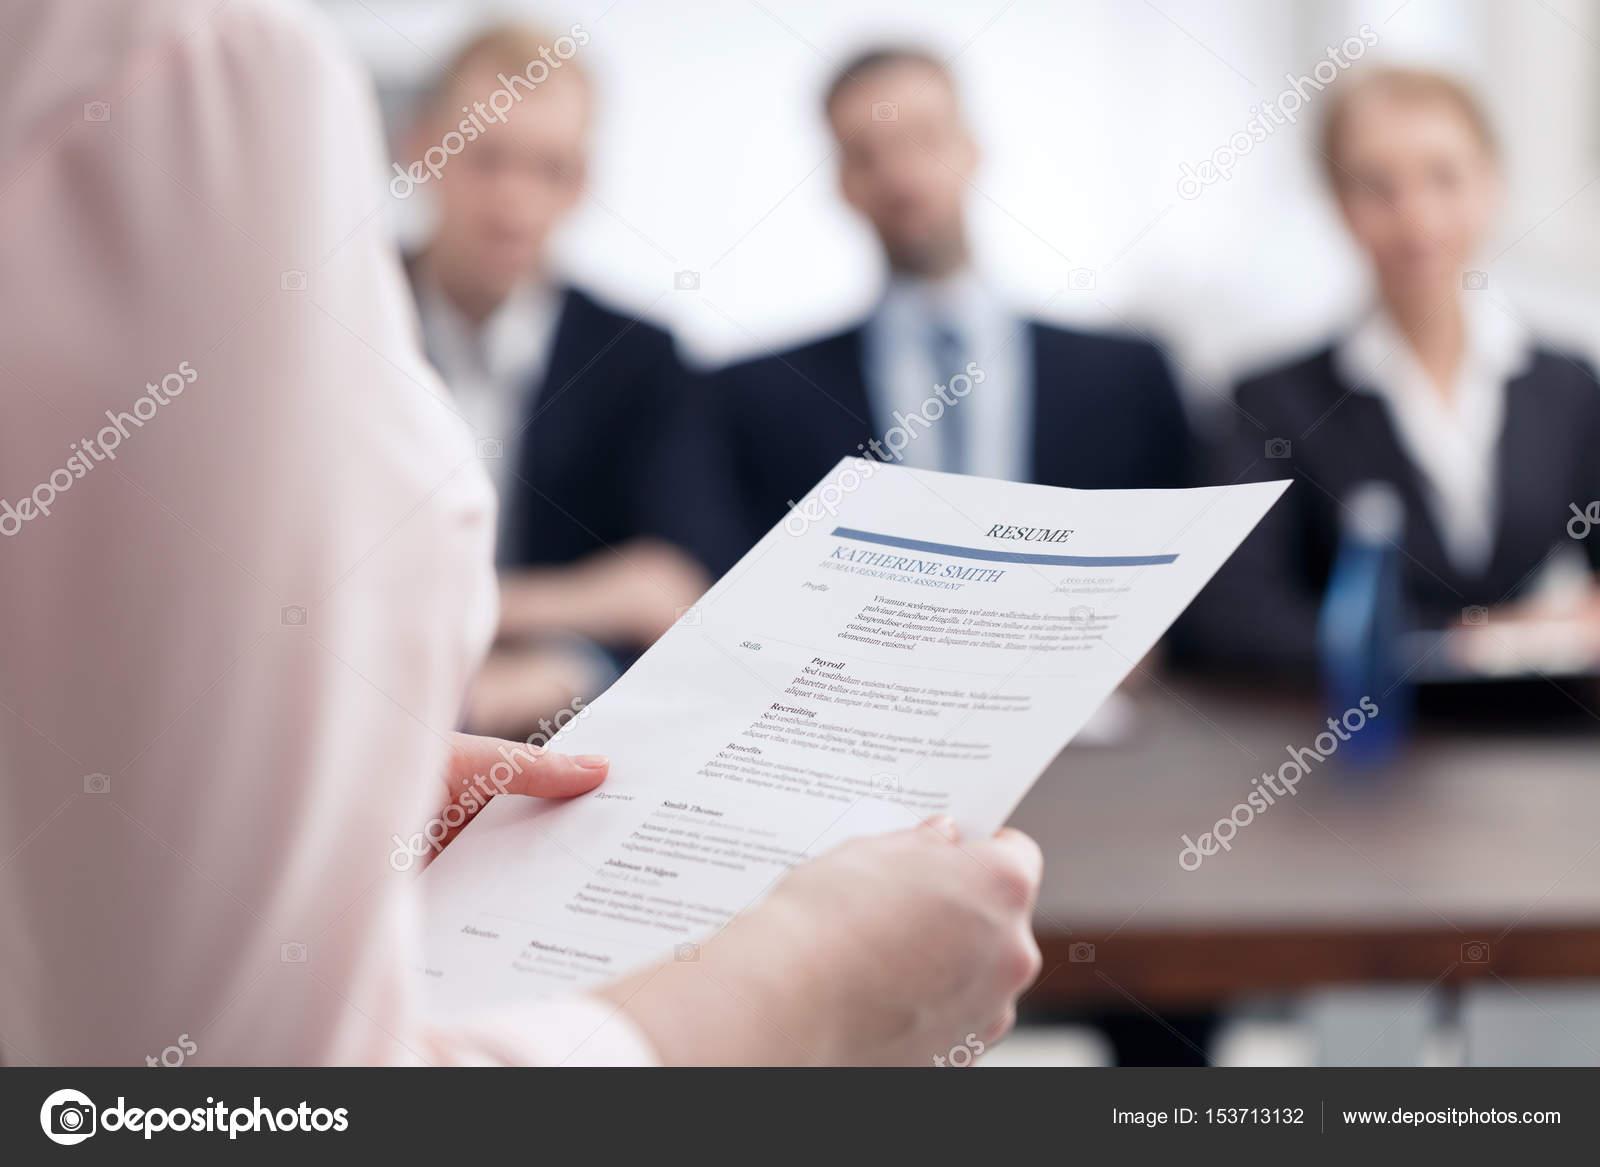 Curriculum Vitae para trabajo de la Corporación — Fotos de Stock ...